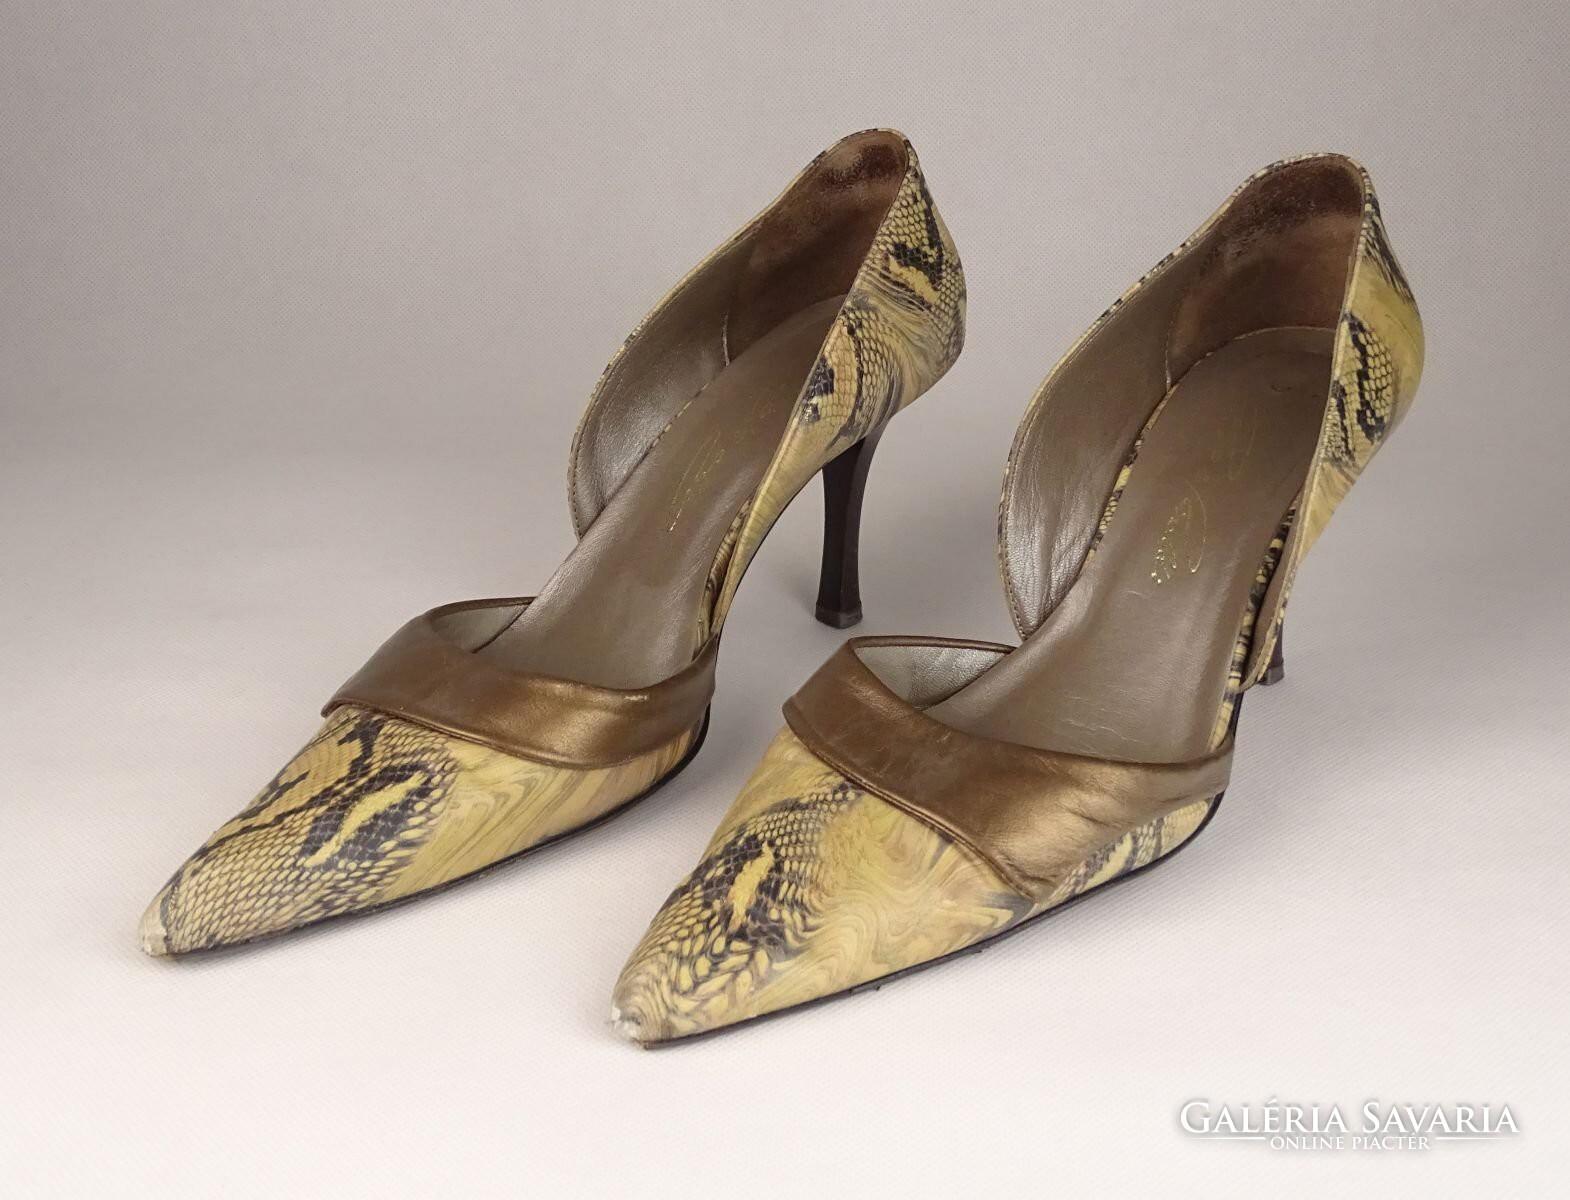 0V540 Kígyóbőr mintás Cango Rinaldi női cipő 38-as - Gardrób ... 67f9a9a72a